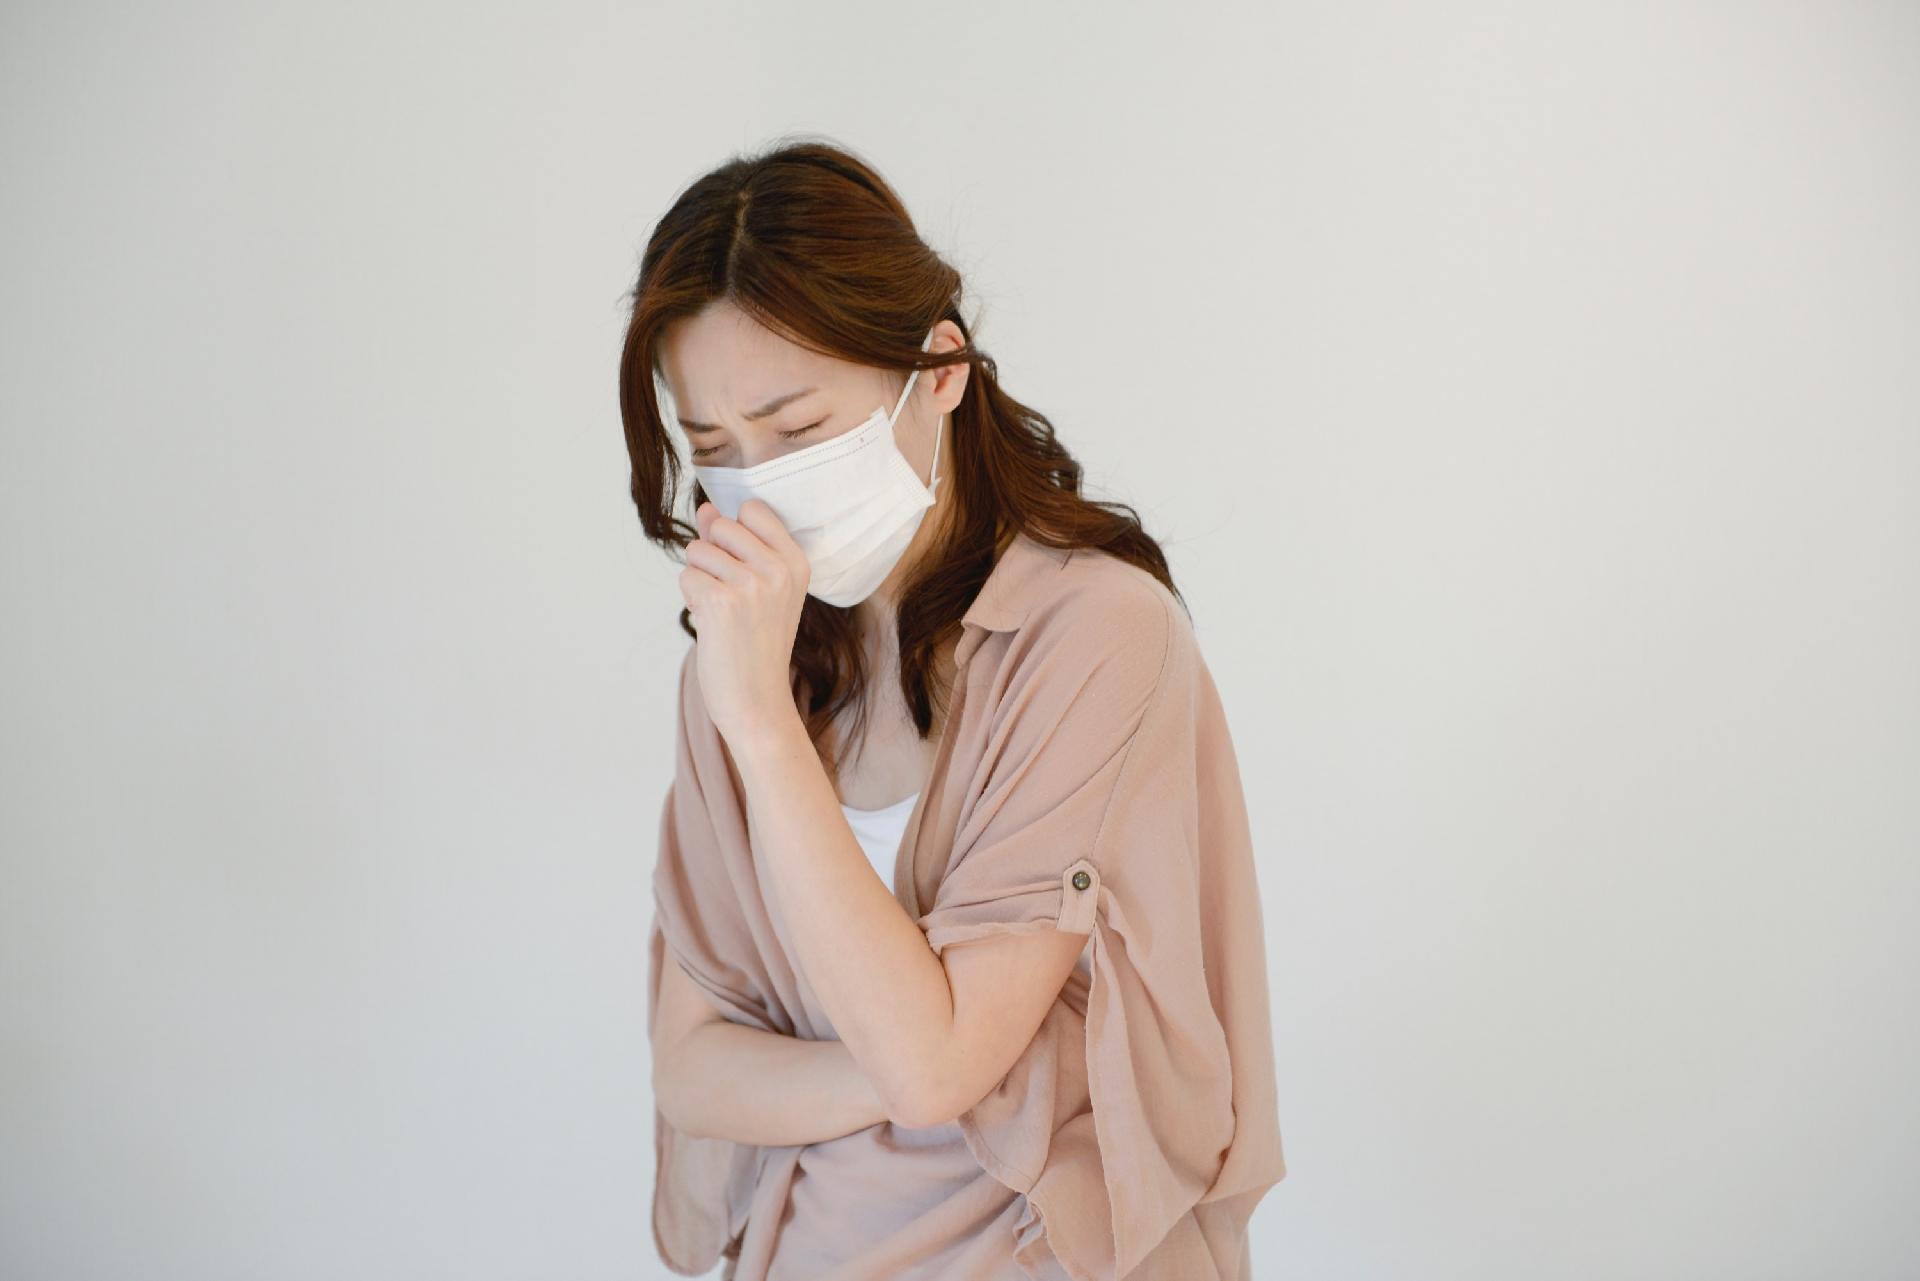 風邪、インフルエンザ、ノロウイルスなど1月にかかりやすい病気・怪我一覧